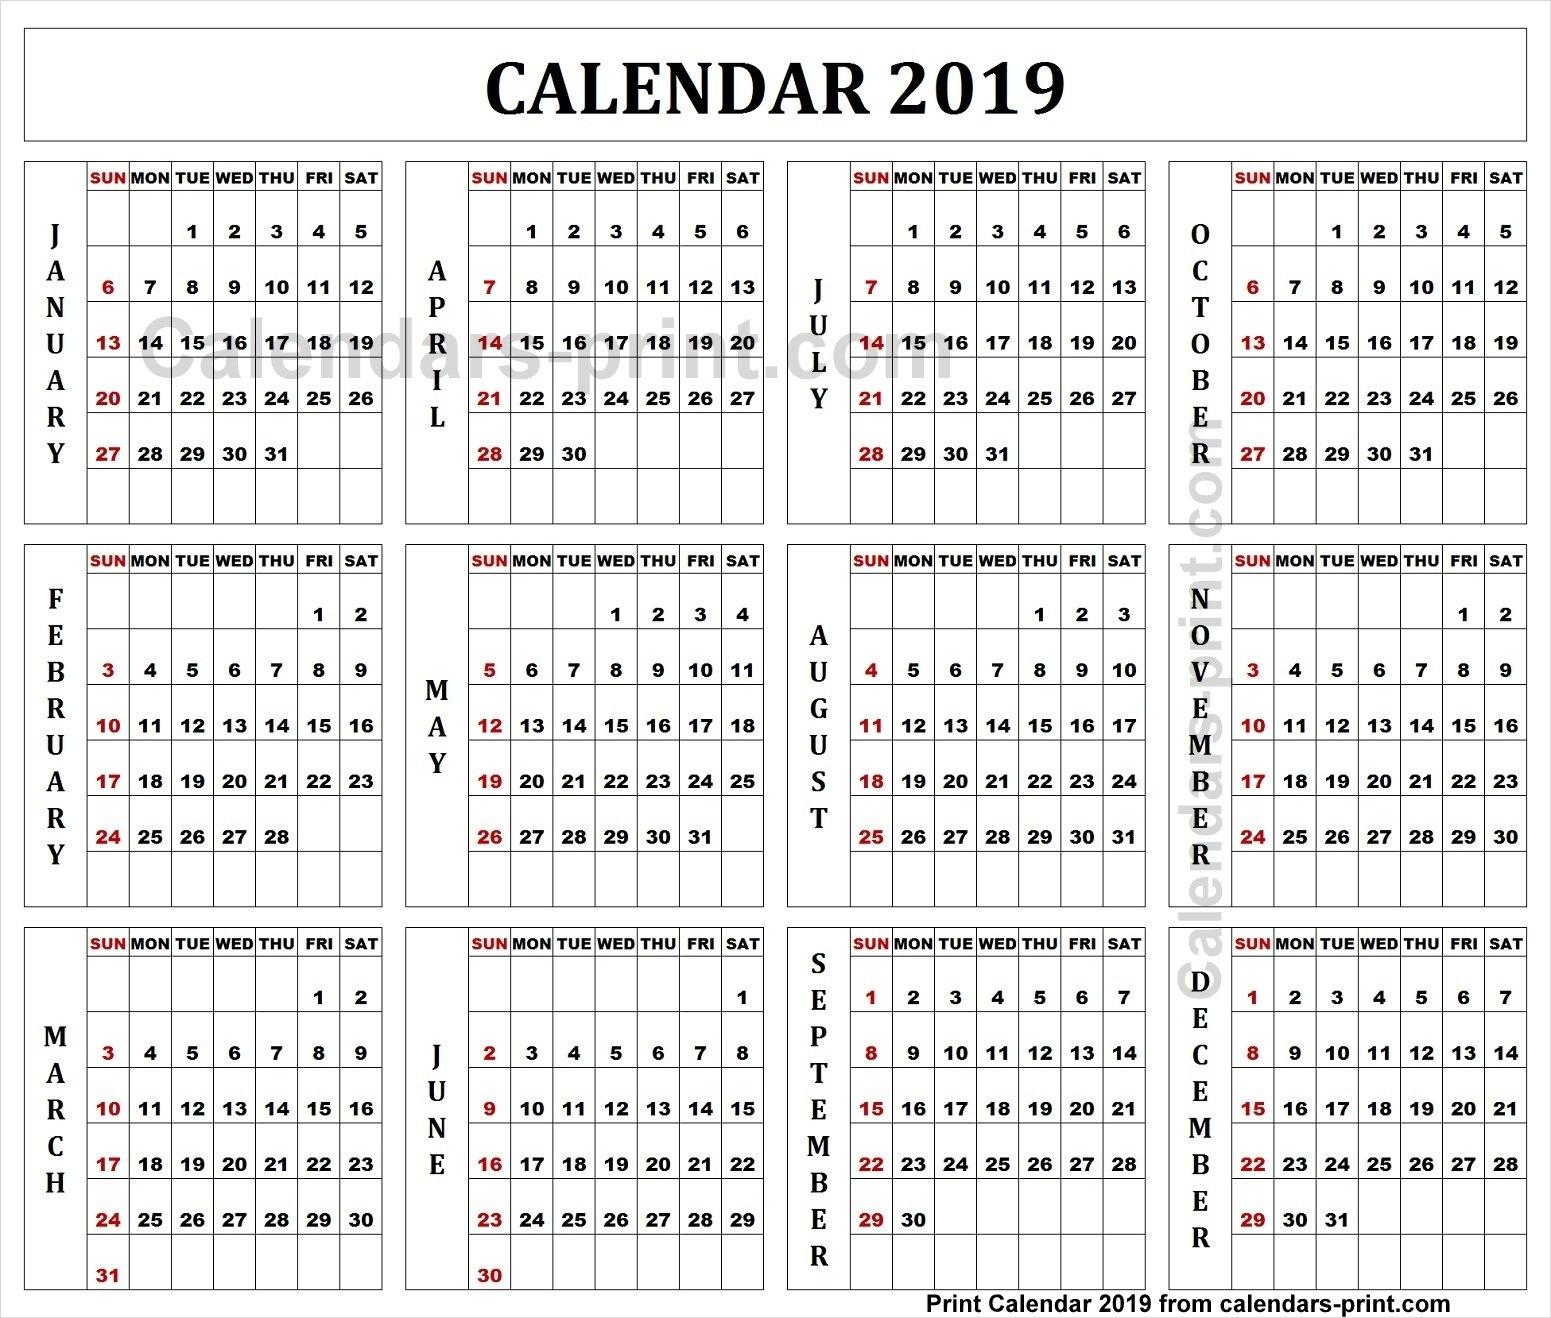 2019 Quarterly Calendar With Notes To Print Free   Blank Pdf Template Calendar 2019 Quarterly